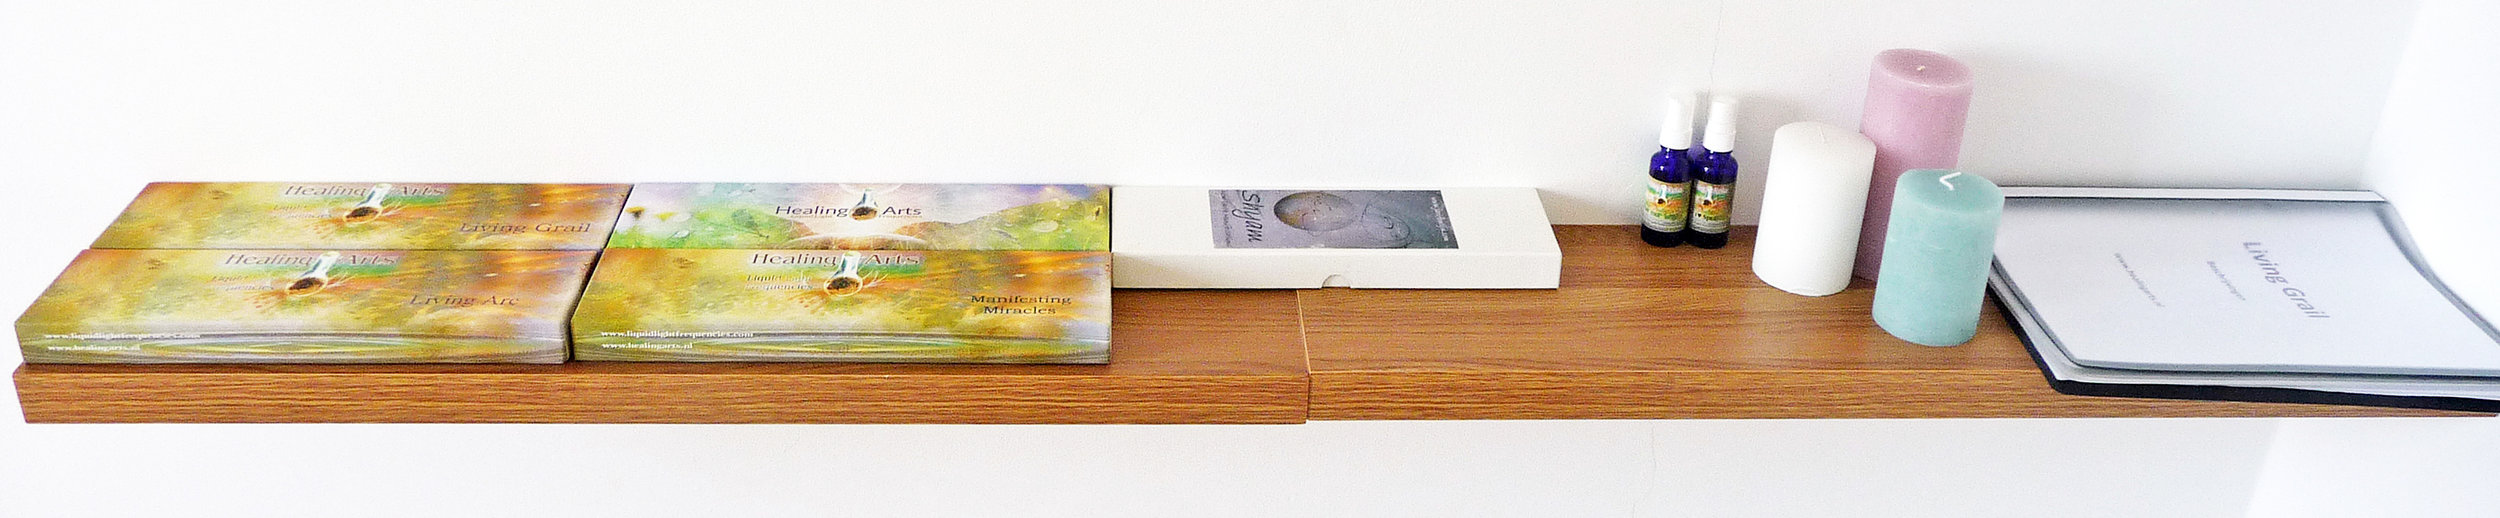 Healing Arts flesjes.jpg